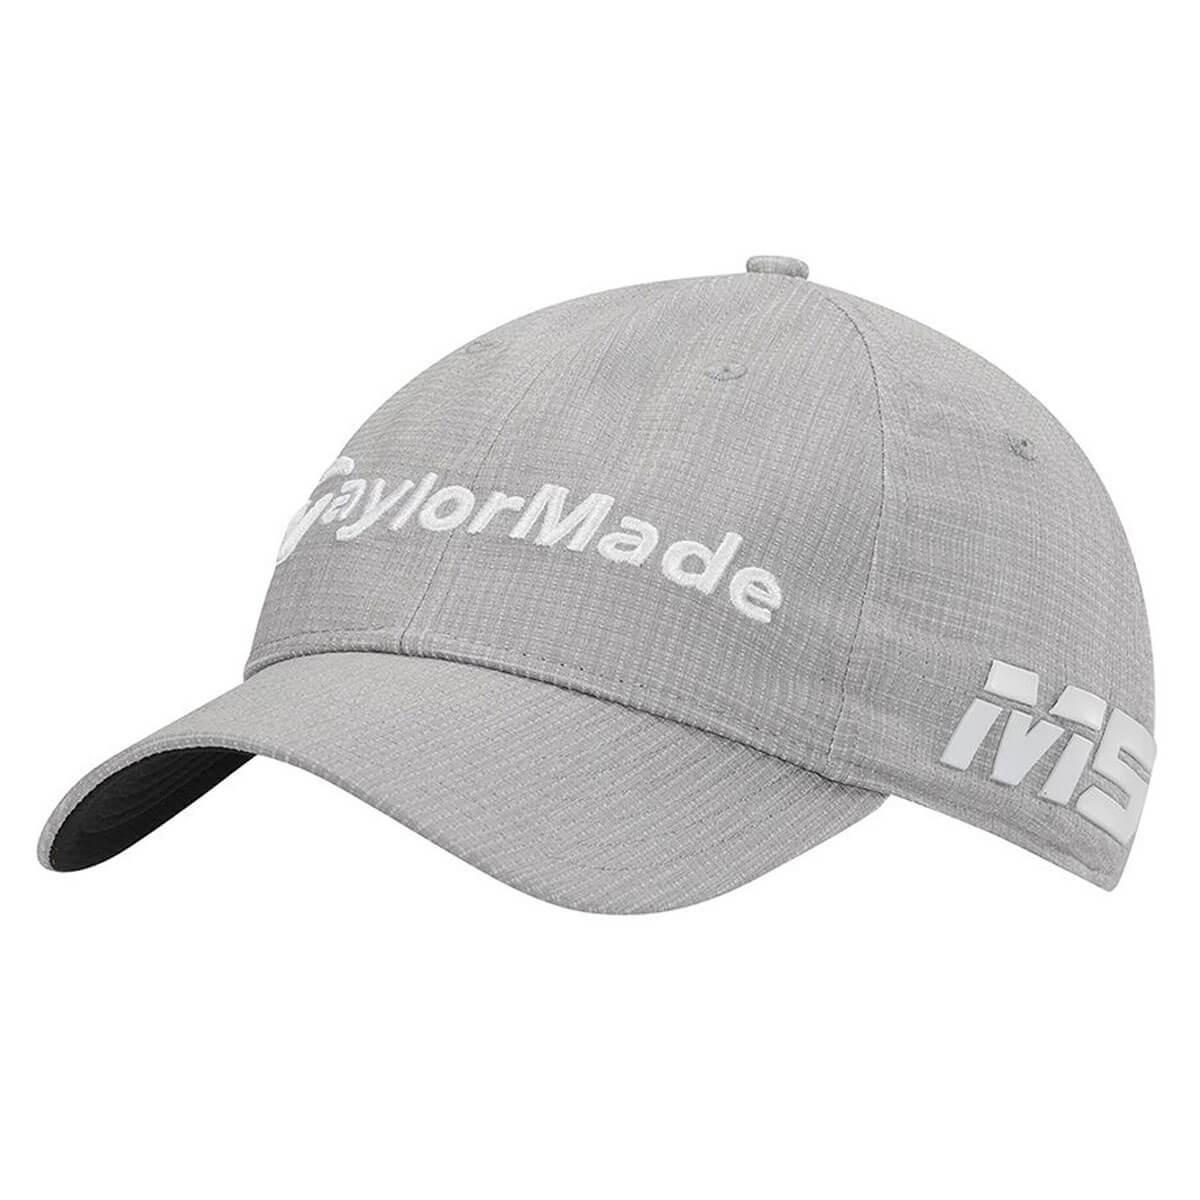 Taylormade Mens 2019 LiteTech Tour Moisture Wicking Golf Cap 1fa8577fd1d